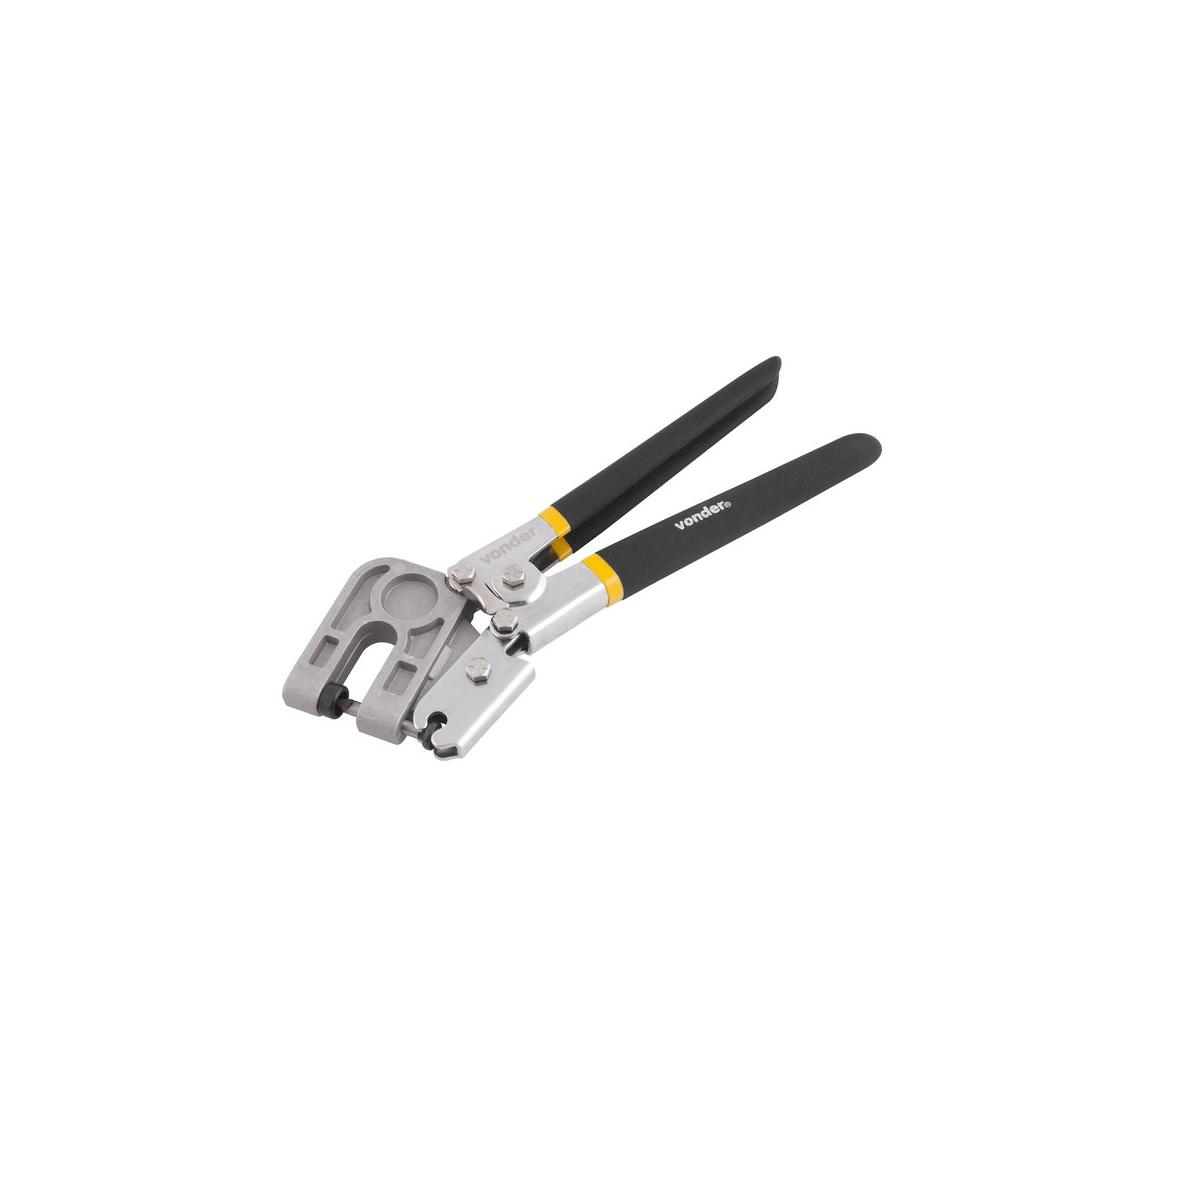 Alicate Puncionador P/ Drywall AP 500 VONDER PLUS